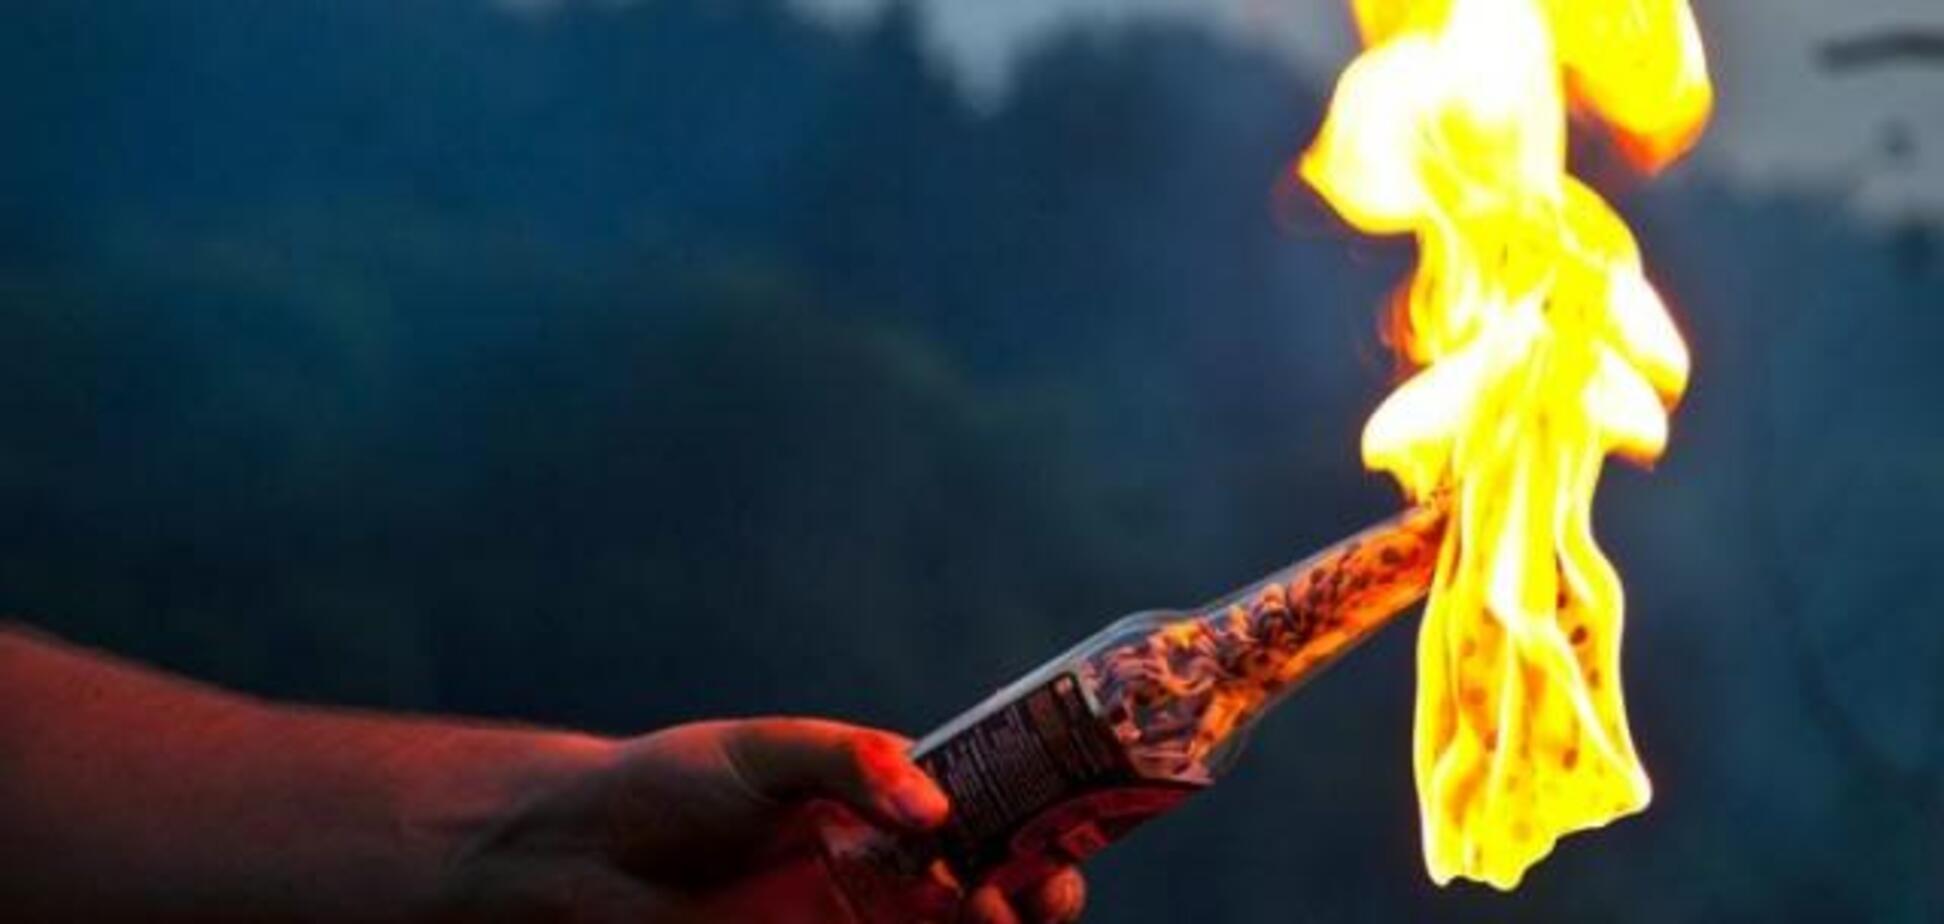 На Харківщині чоловік хотів спалити дітей 'коктейлем Молотова'